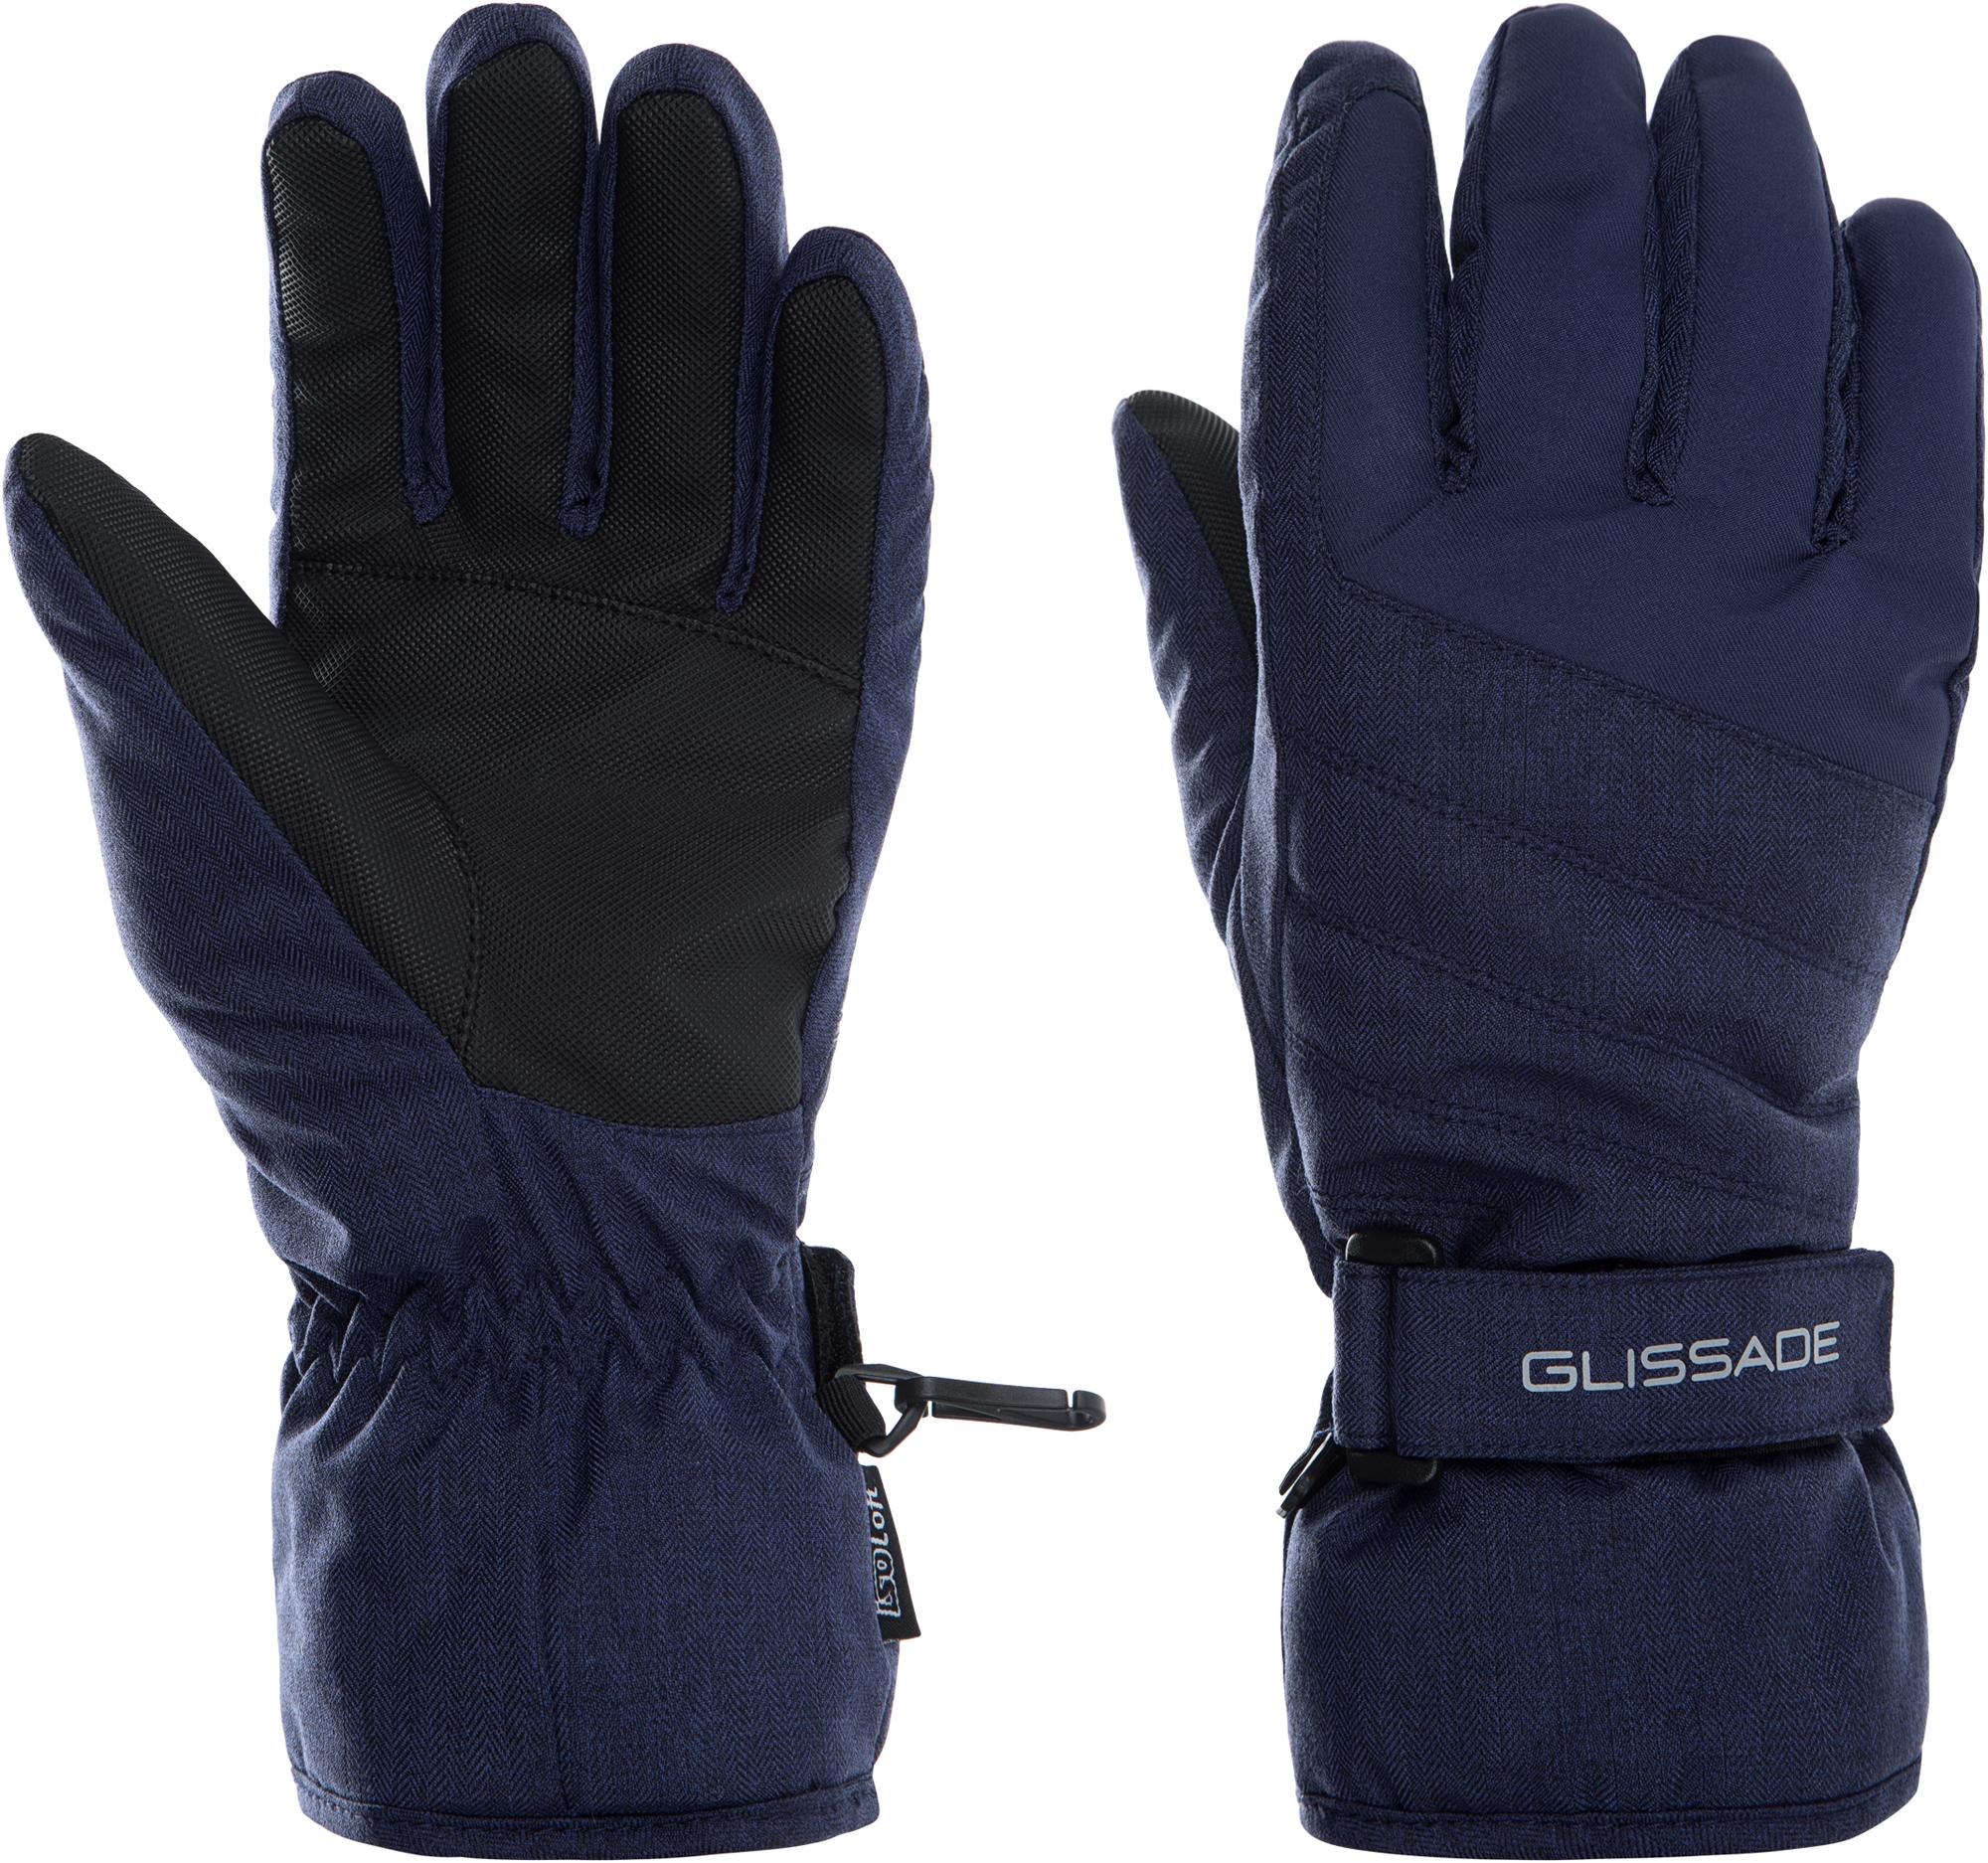 Фото - Glissade Перчатки женские Glissade, размер 8 перчатки женские moltini цвет черный 260b 111716 размер 8